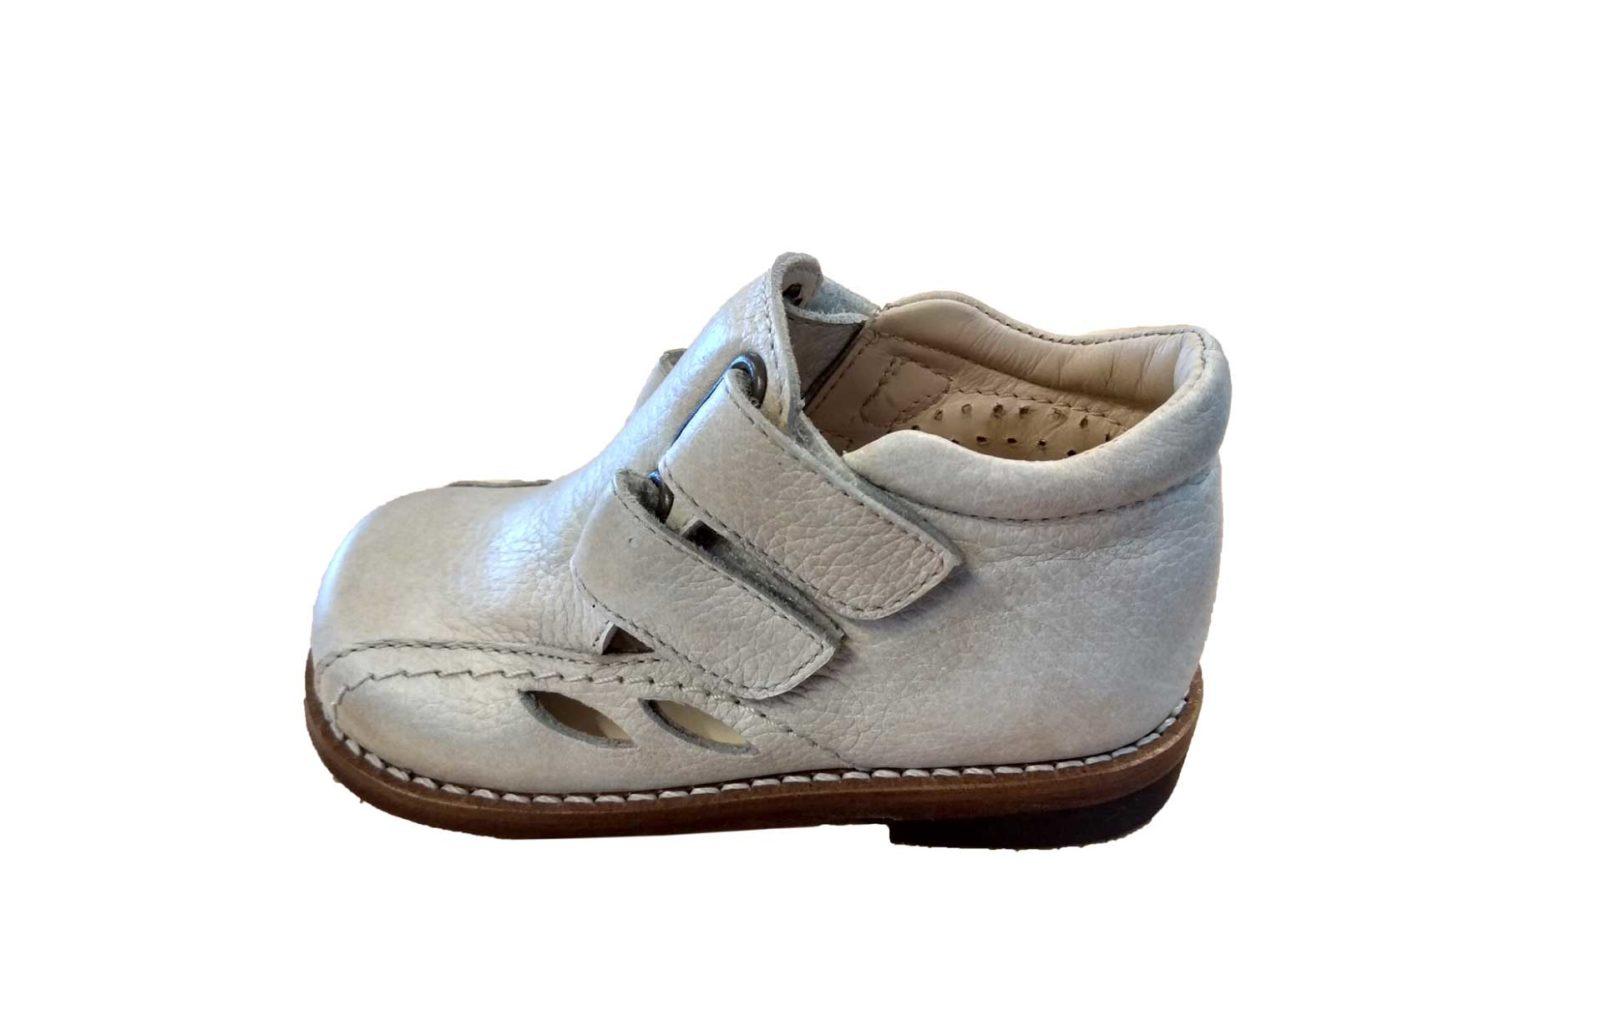 Sapatos Ortopédicos pediátricos, tamanho 23, na cor bege, com fechos de velcro e pequenas aberturas nas laterais, da marca Paquito.